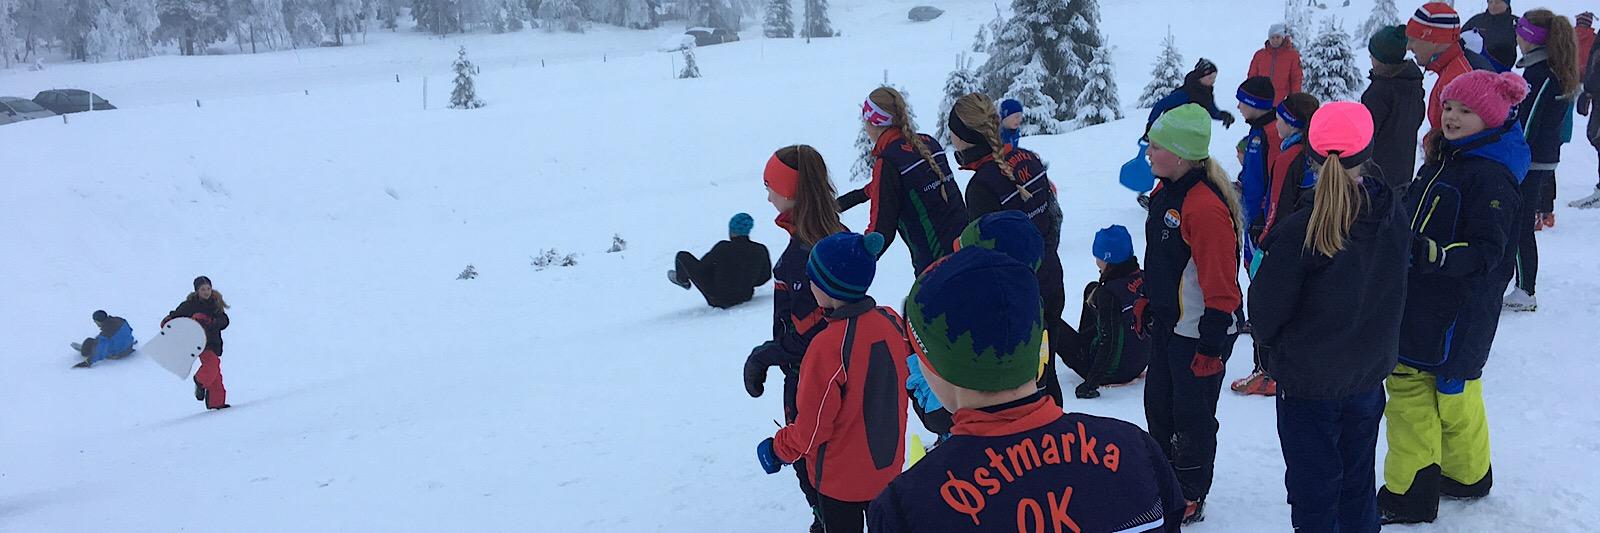 Familiesamling Budor Østmarka orienteringsklubb